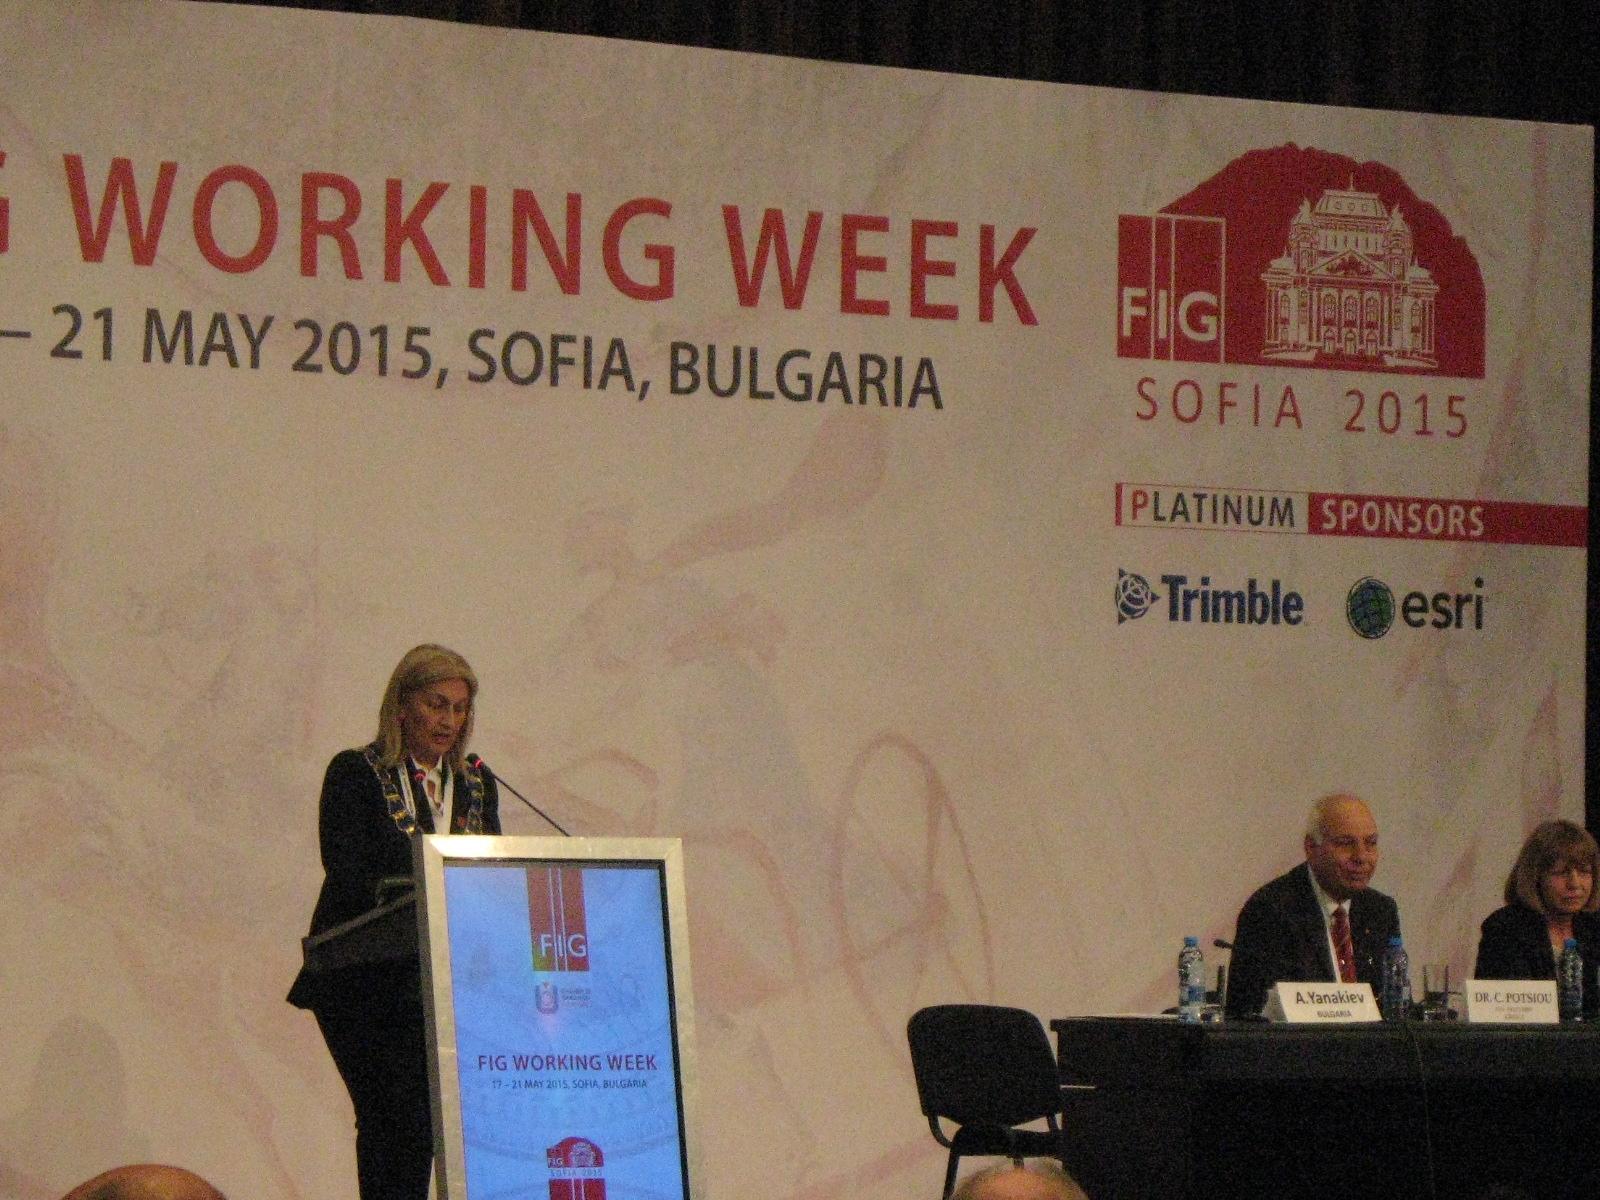 Фандъкова и Нанков откриха работната седмица на FIG